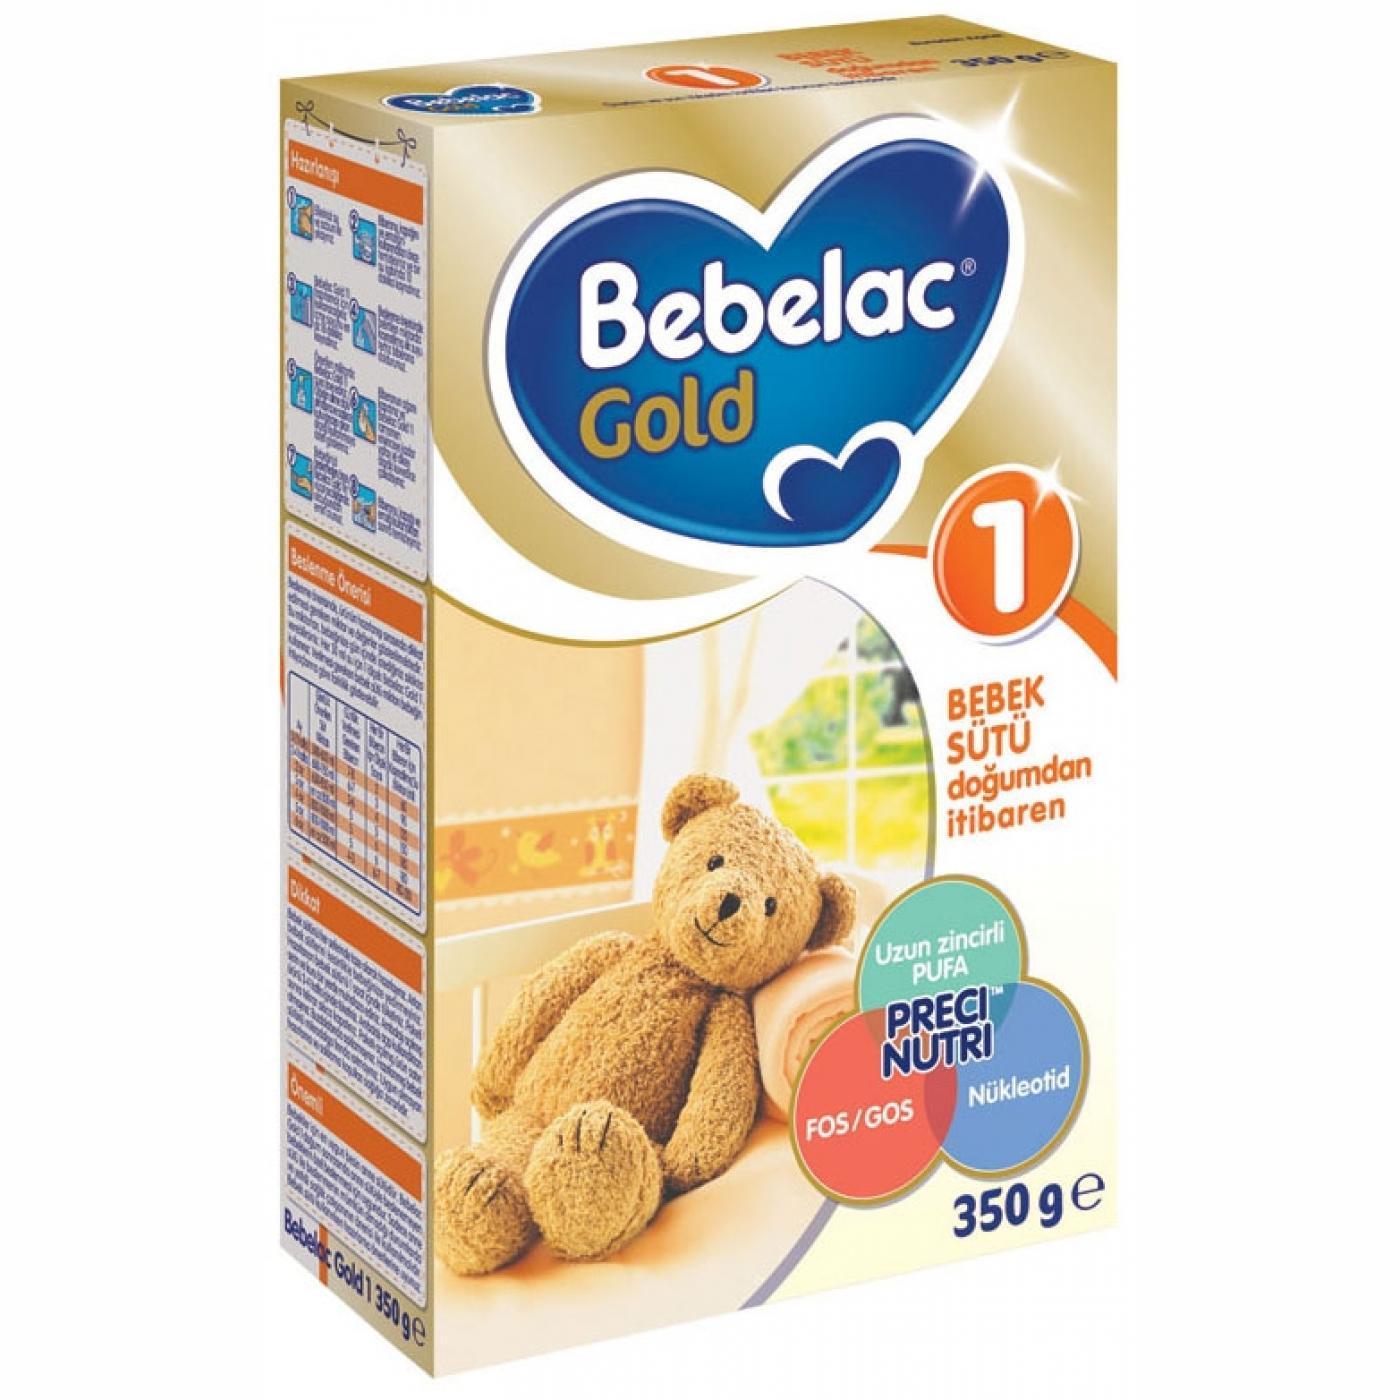 BEBELAC GOLD 1 350GR